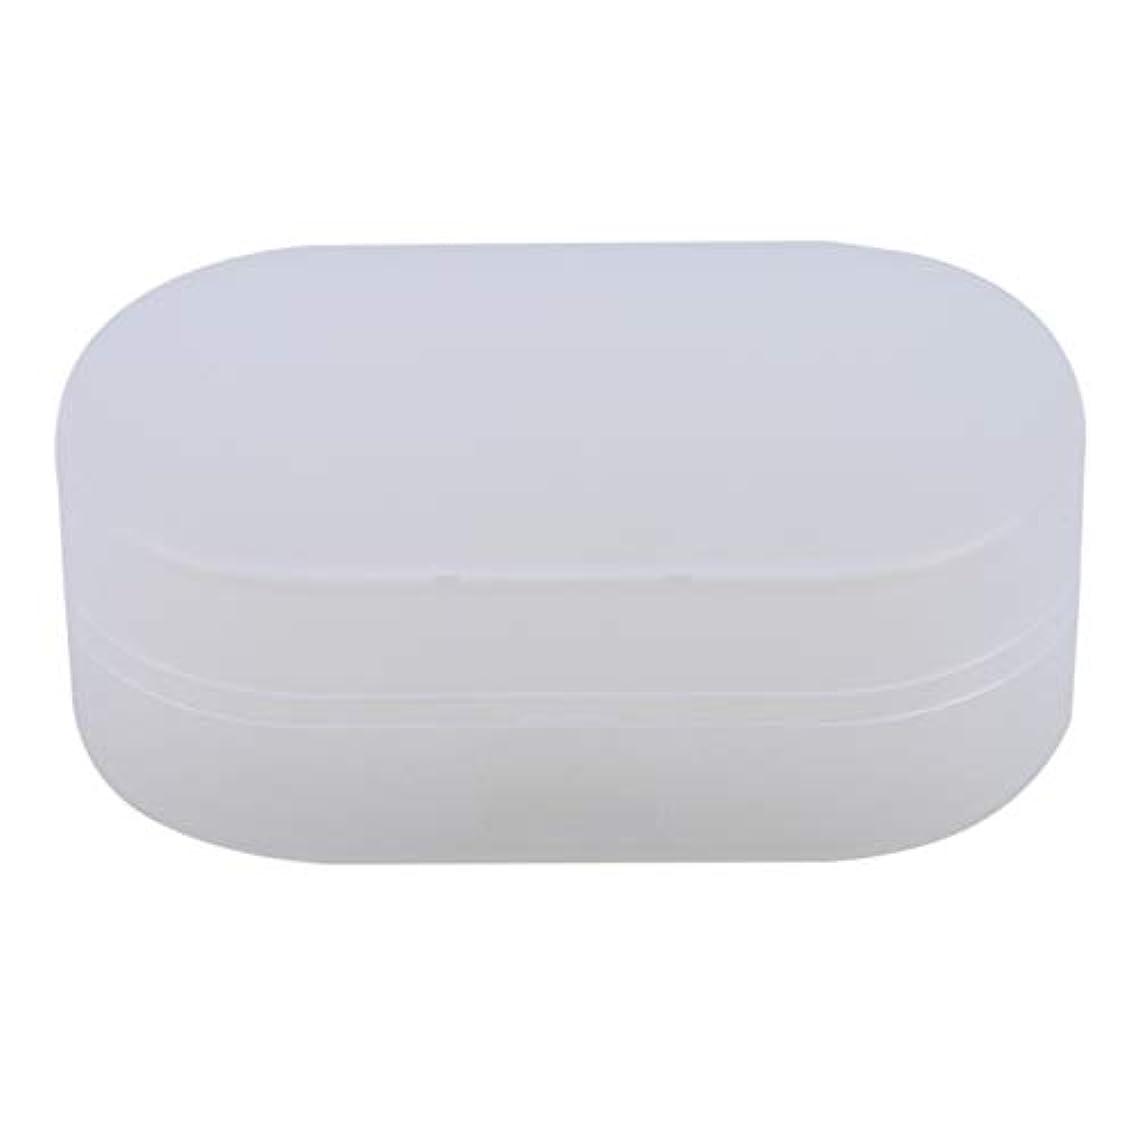 テラス代表幹ZALINGソープボックスホルダーソープディッシュソープセーバーケースコンテナ用バスルームキャンプホワイト